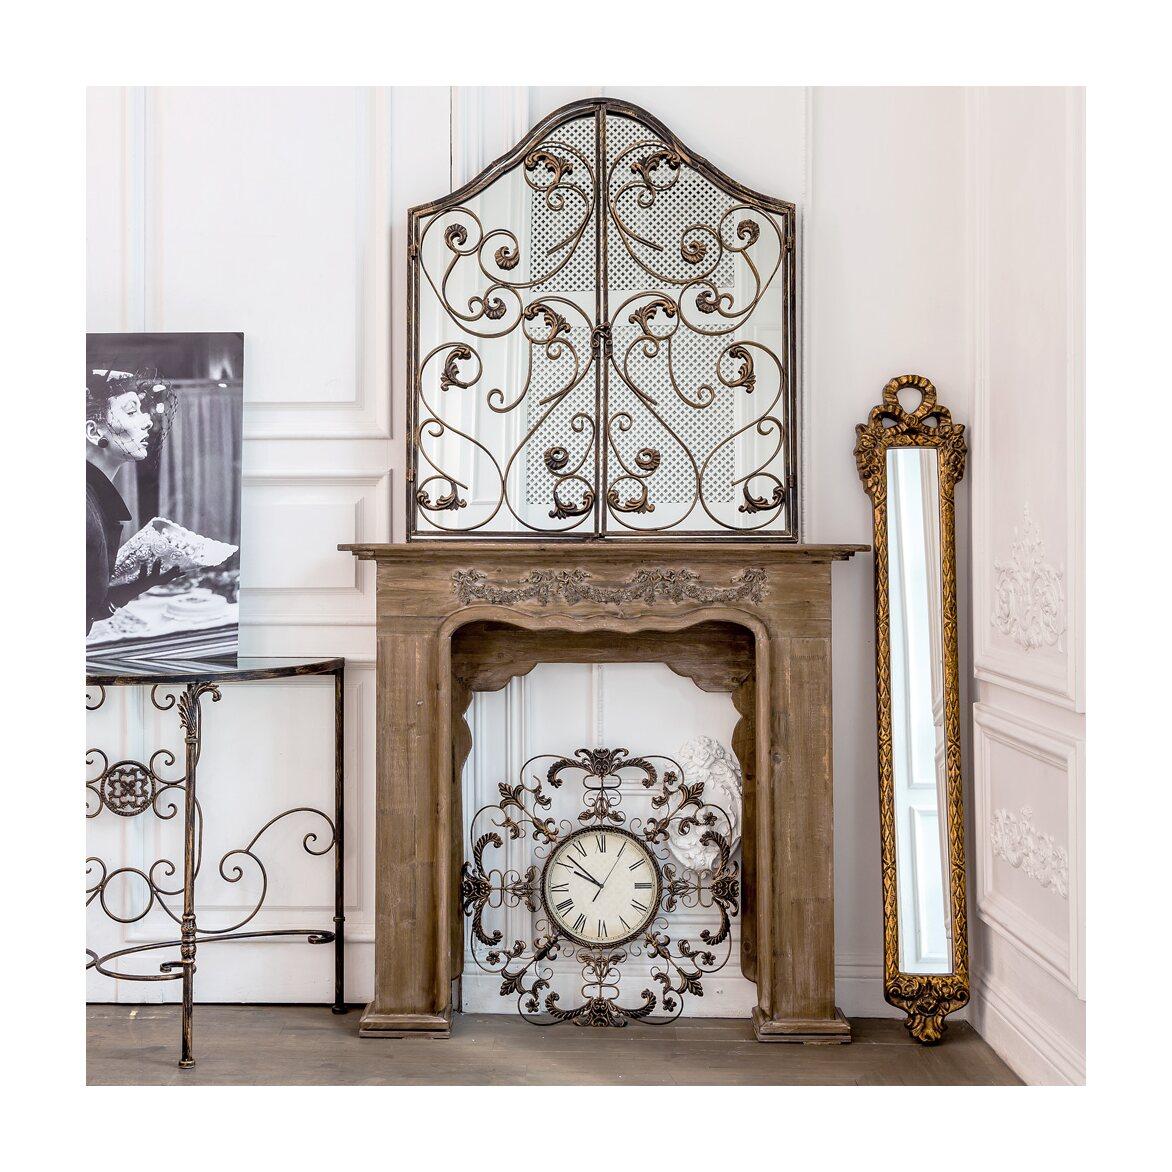 Настенное зеркало «Монтанер» (королевская бронза) 10 | Настенные зеркала Kingsby